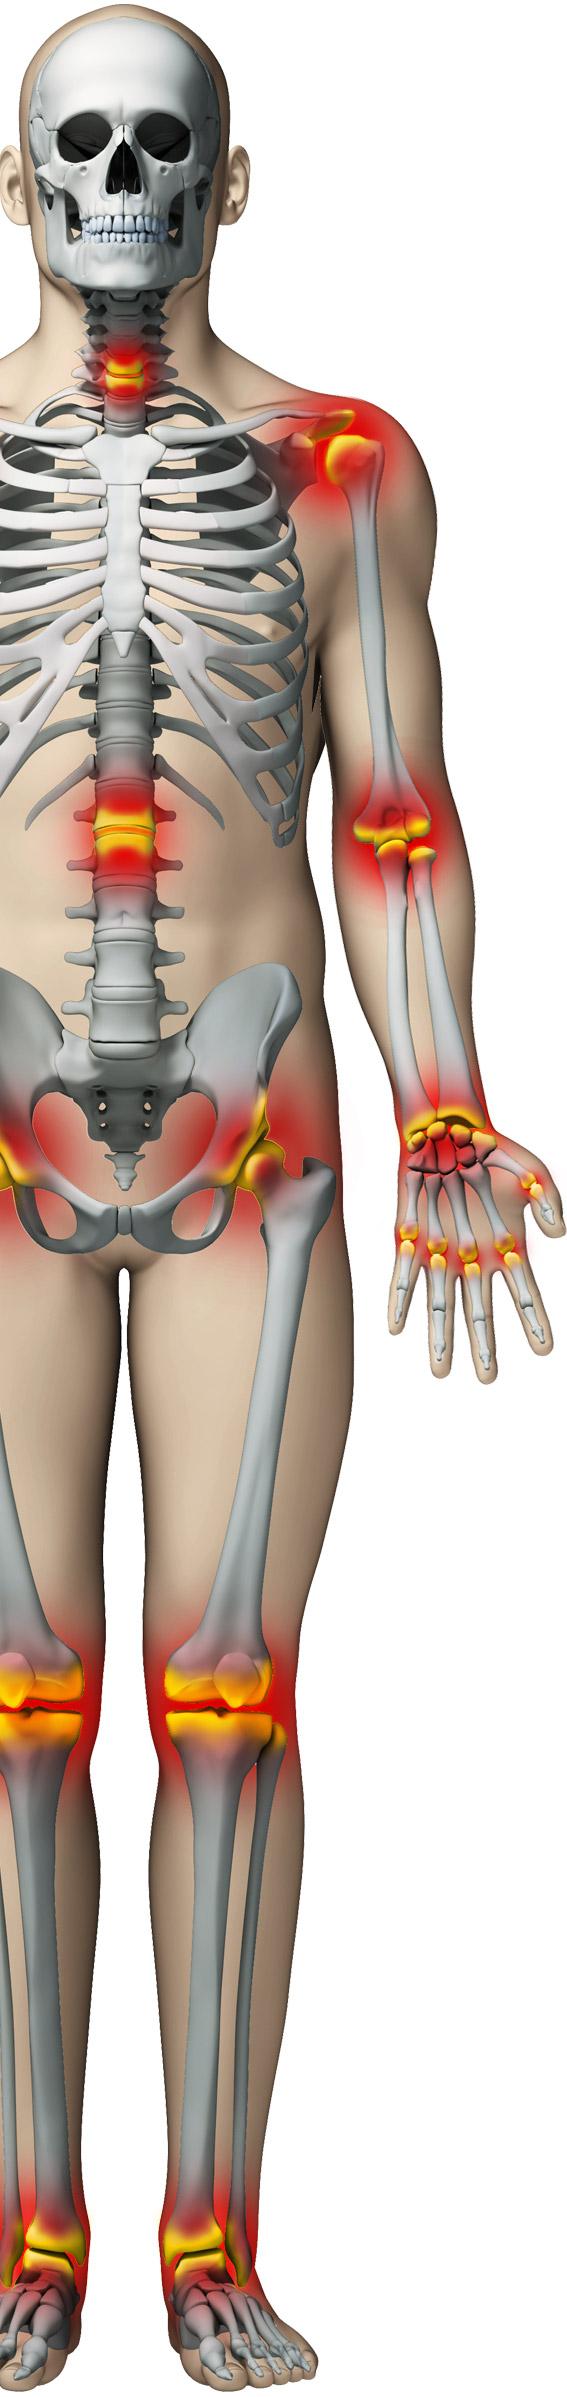 cum durerile articulare cu artroză artroza simptome metode de tratament